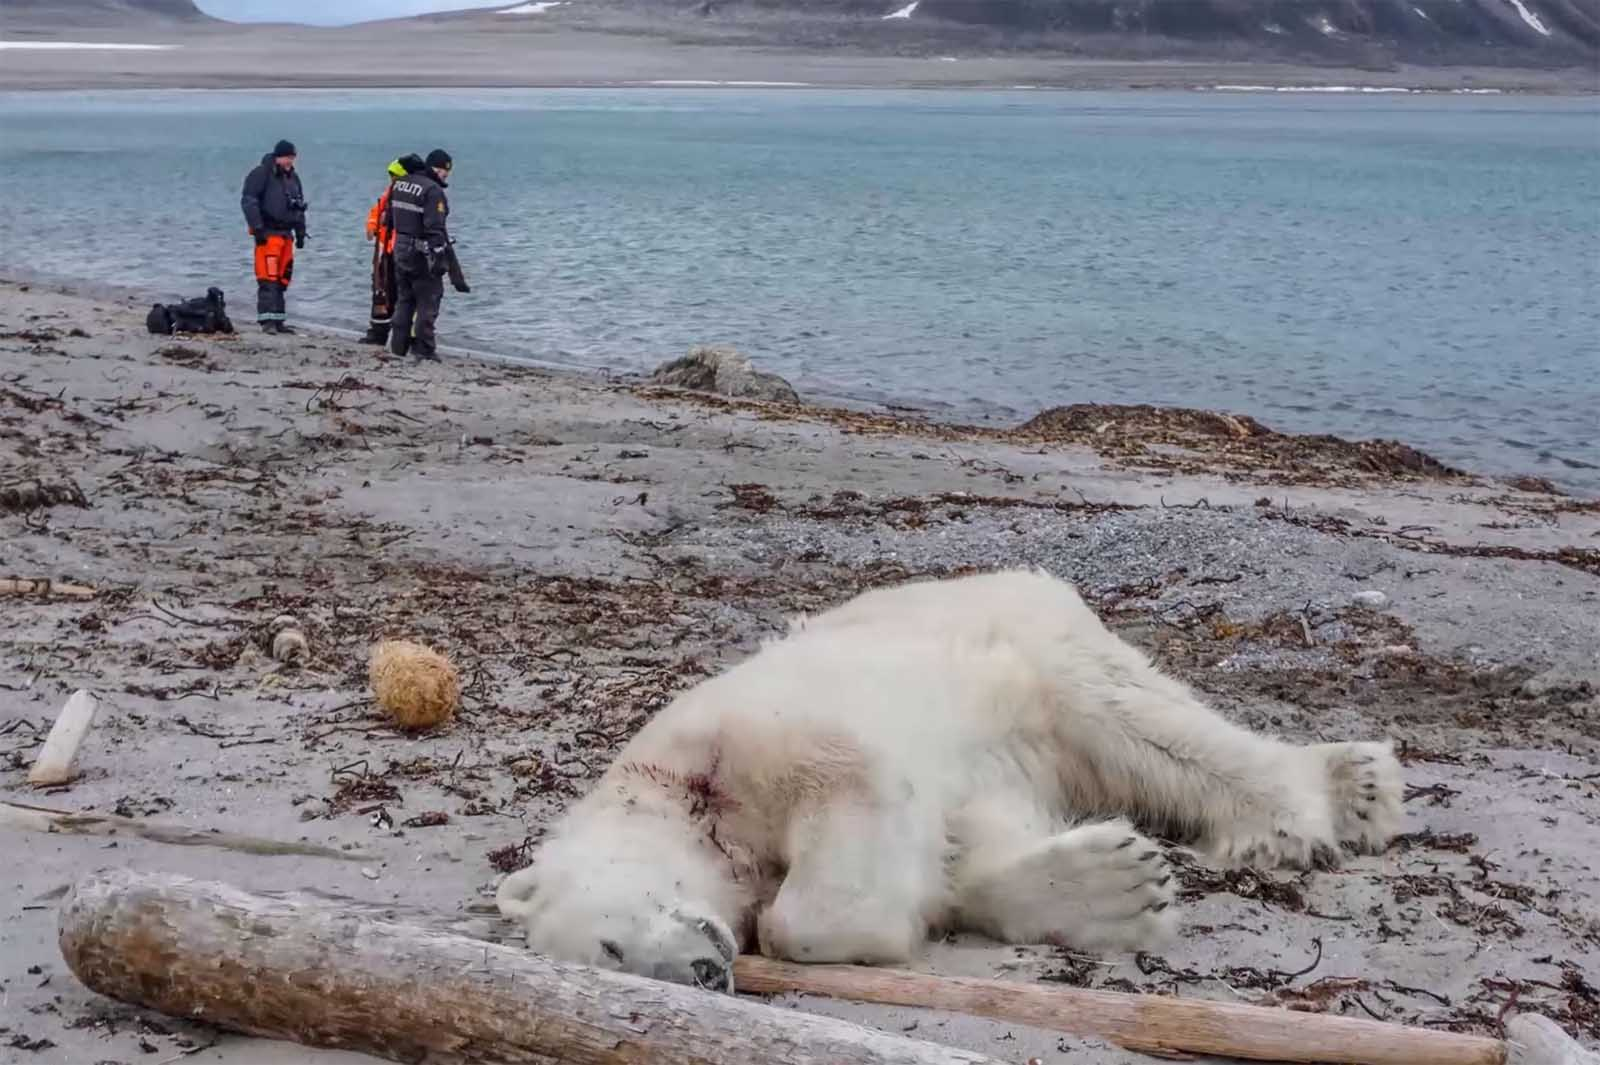 Warum die Touristen am Tod des erschossenen Eisbären schuld sind